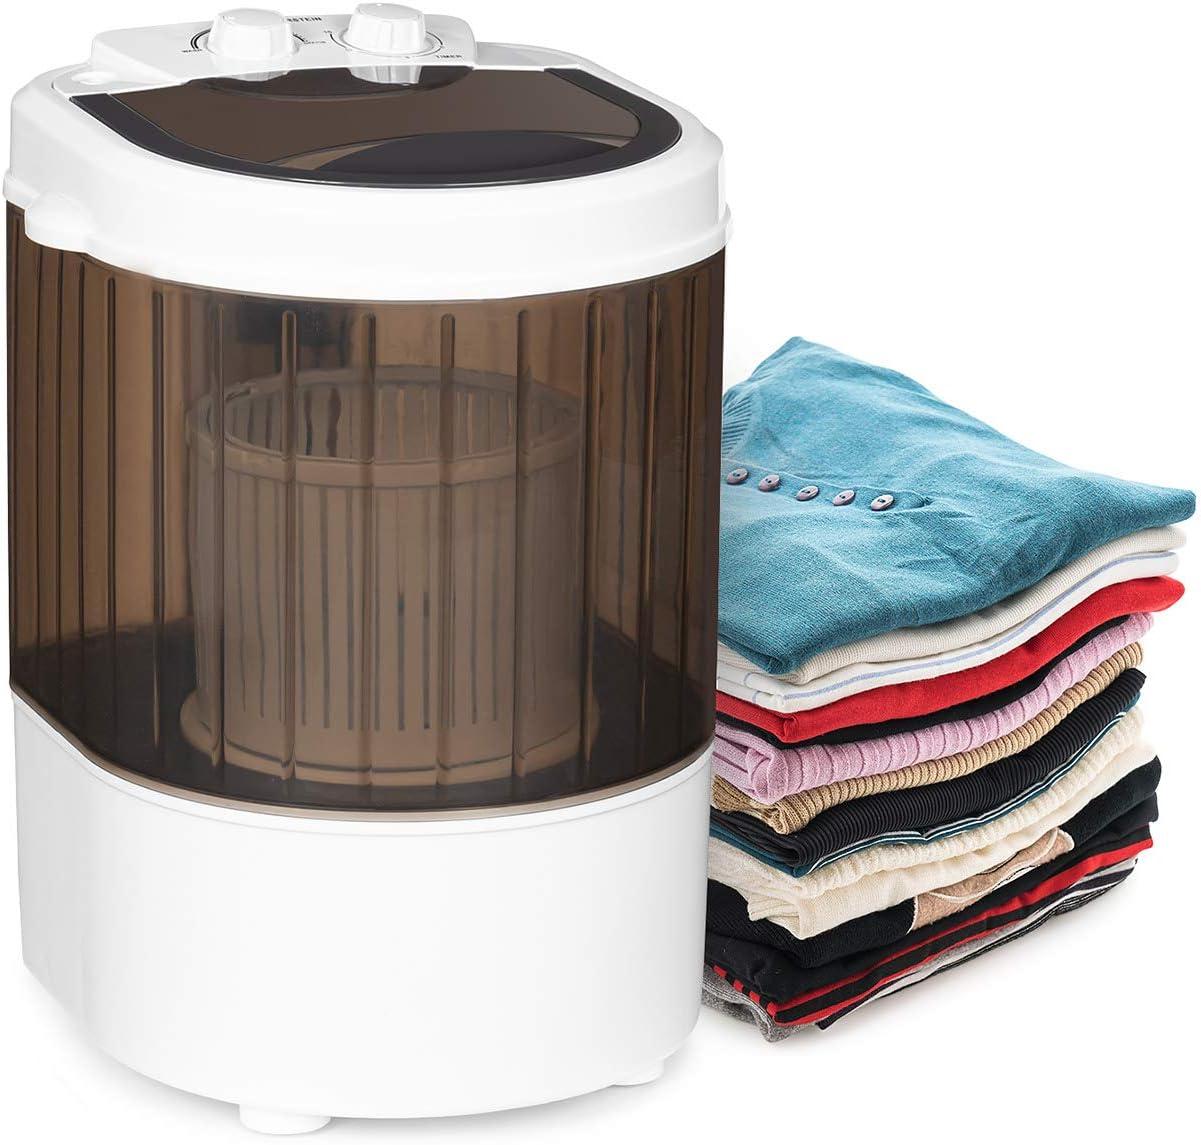 KLARSTEIN Dash Duo Lavadora de Camping - Capacidad Lavado 2,5 Kg, función Limpieza de Zapatos, Potencia 180W, compacta, Gran Rendimiento, Ideal para Camping o Viajes, Negro